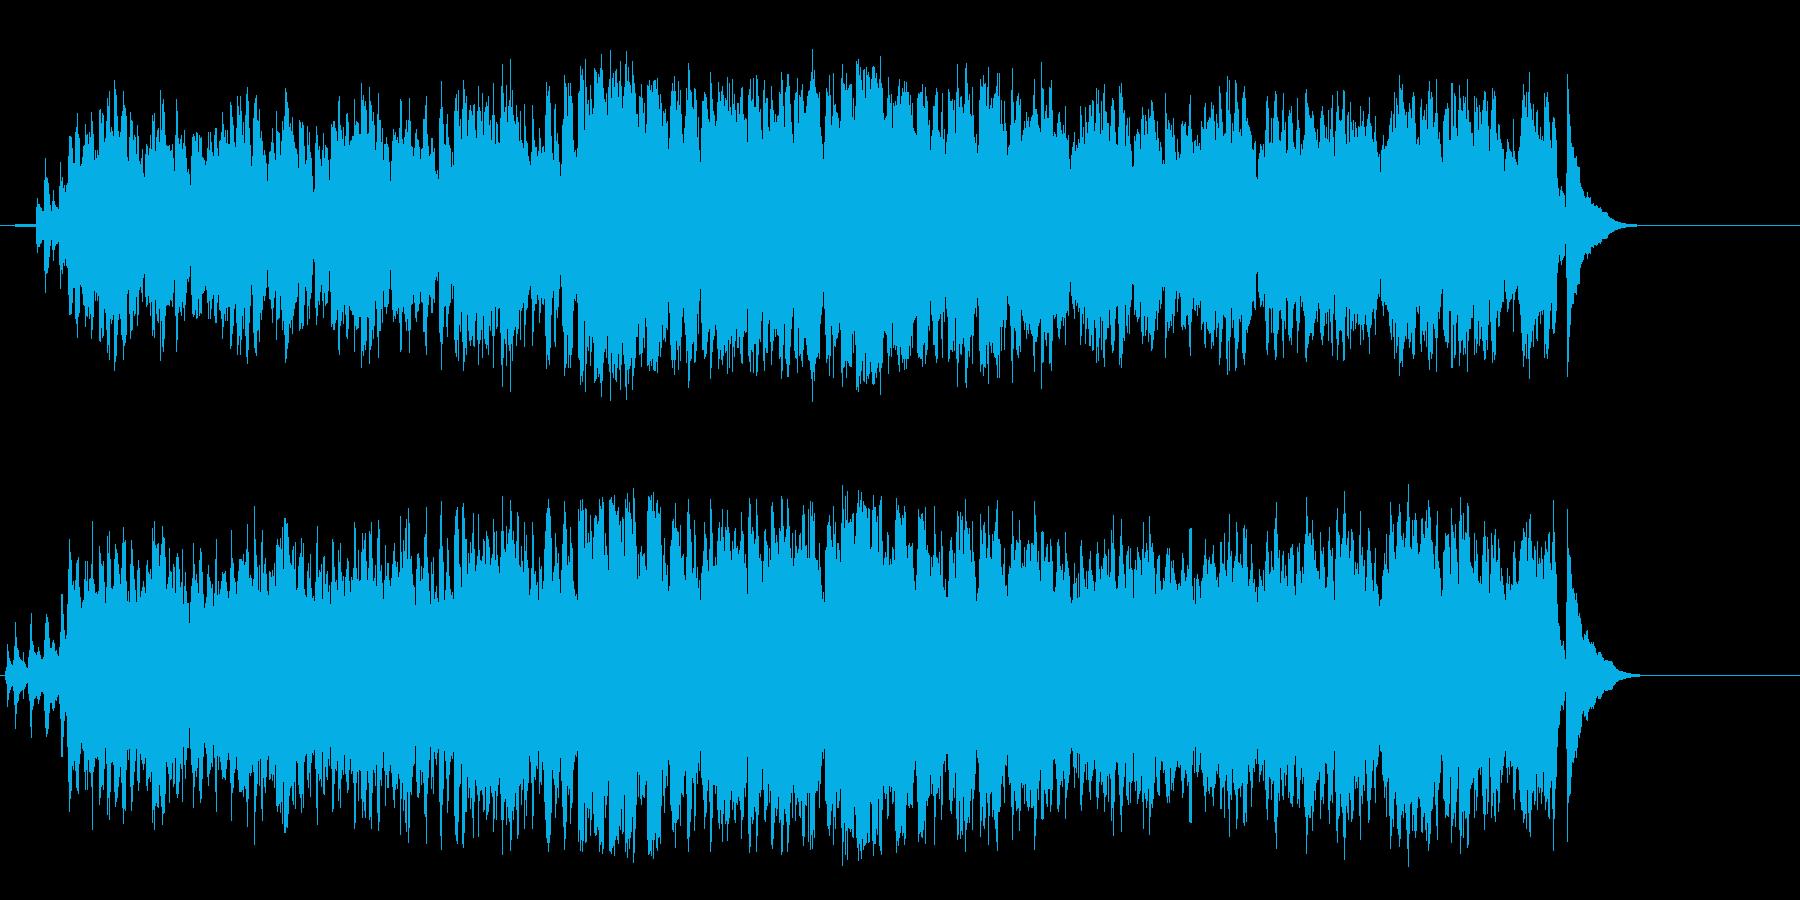 白銀のアルプスの爽やかなワールド音楽の再生済みの波形